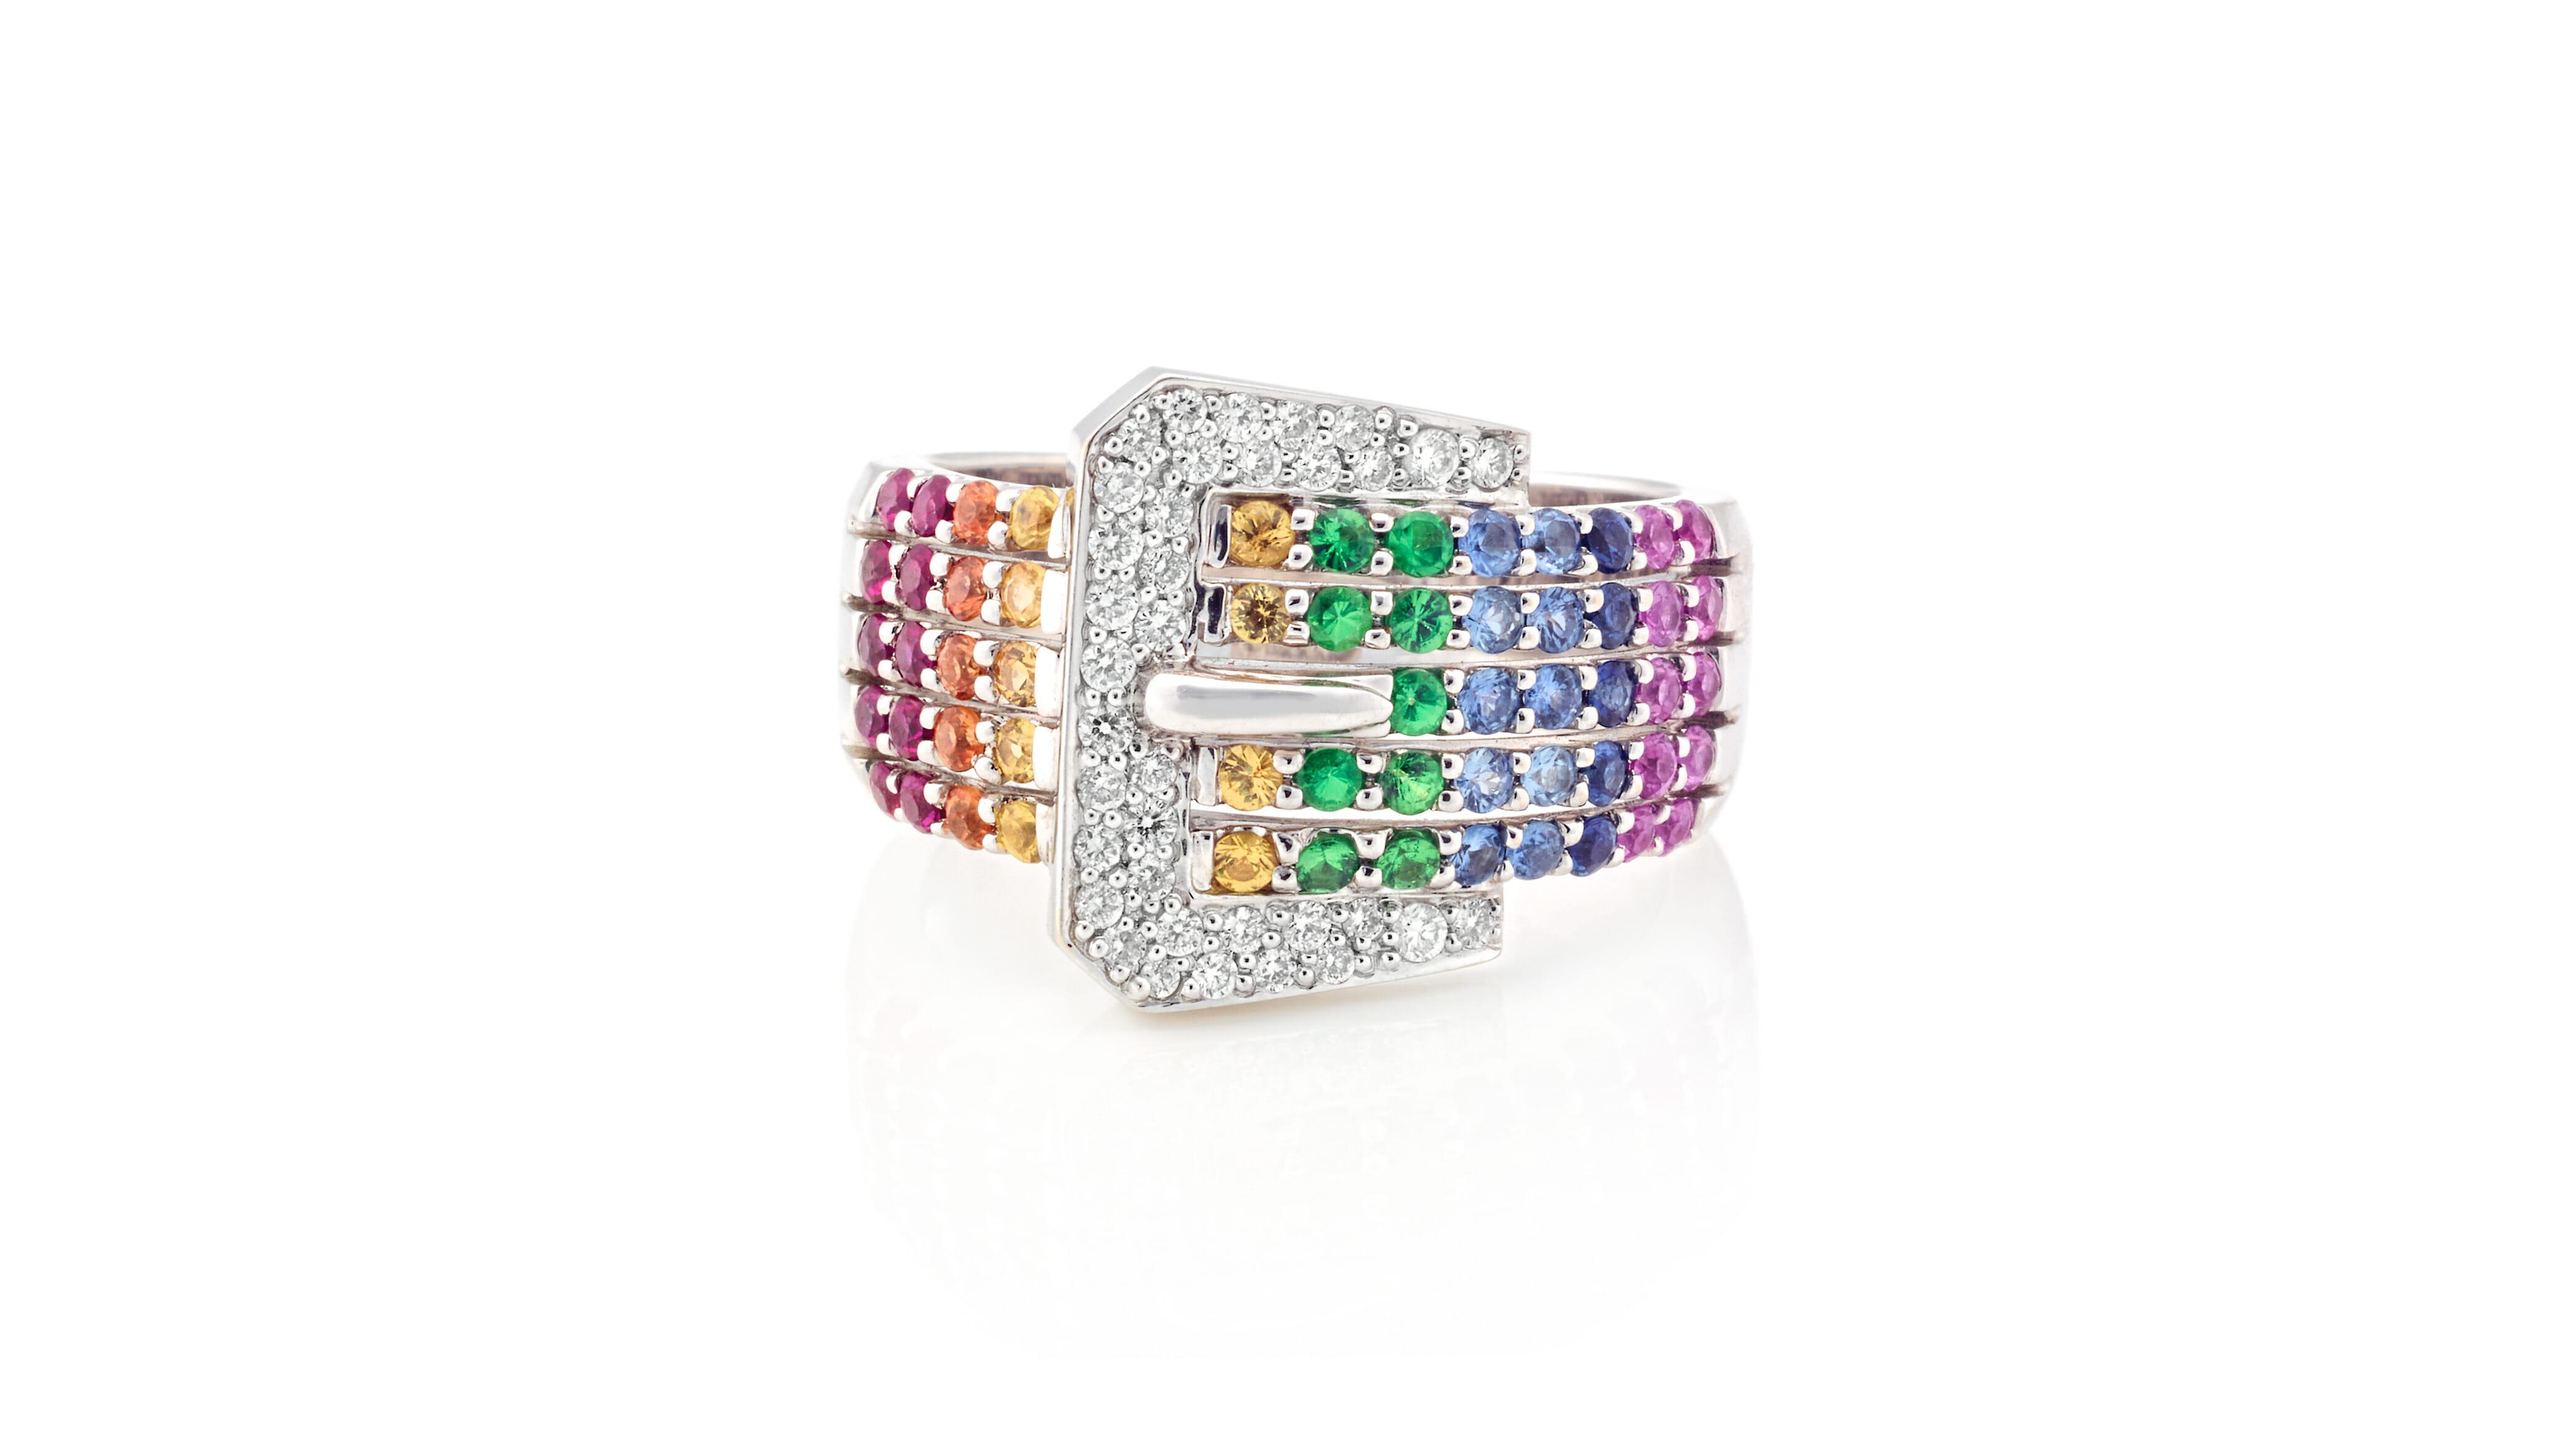 Belt Buckle Shaped Ring | Rainbow Sapphire & rare Tsavorite White Gold Ring